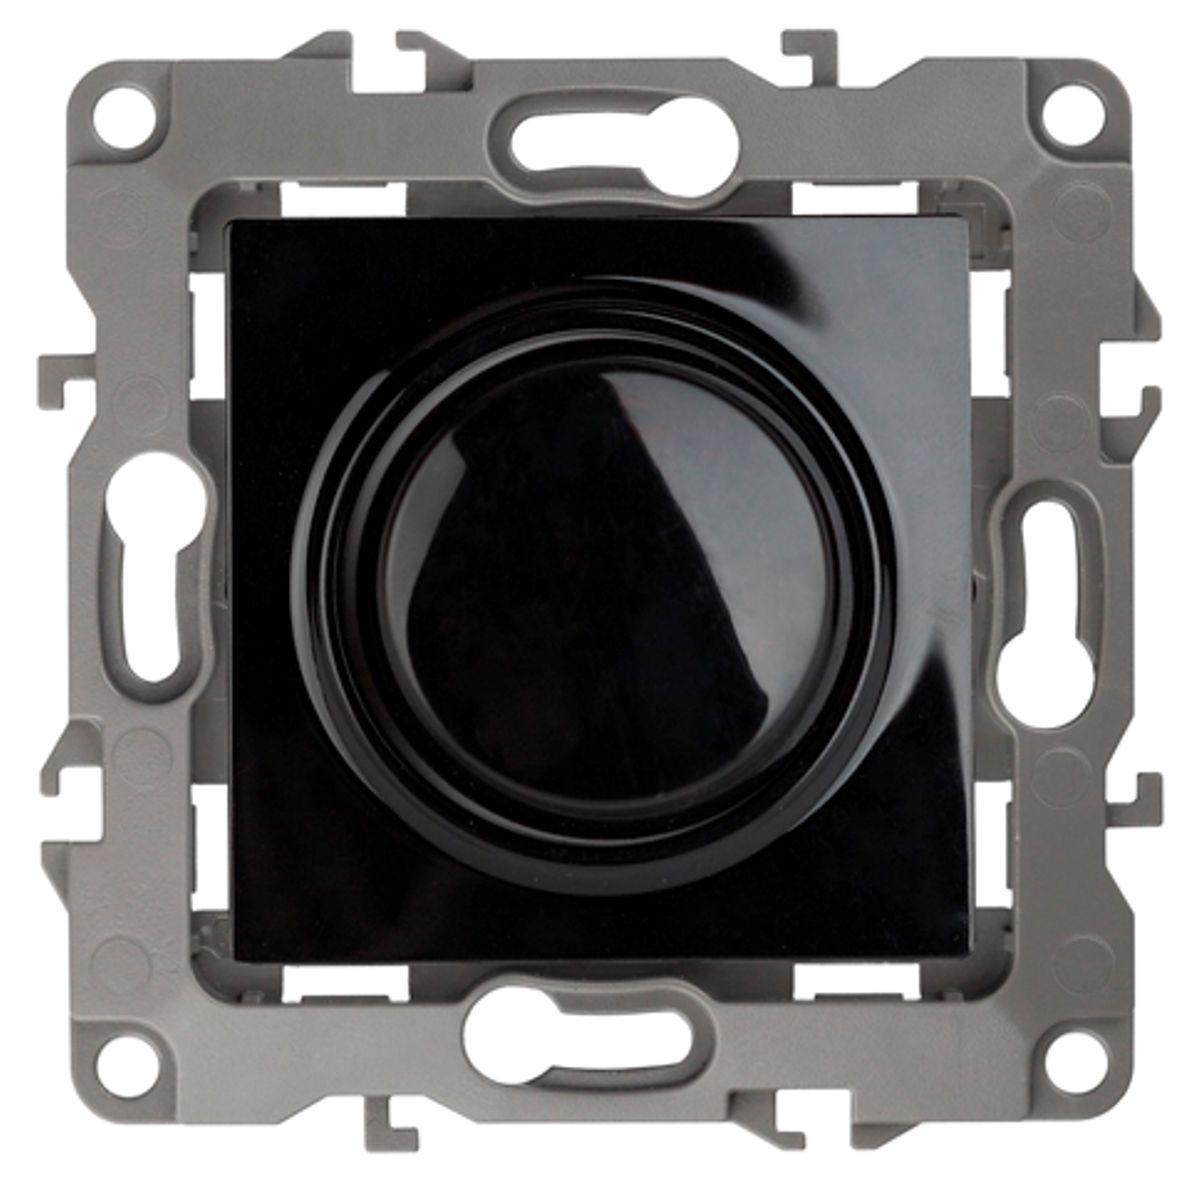 """Светорегулятор поворотно-нажимной """"ЭРА"""", цвет: черный, серый. 12-4101 12-4101-06"""